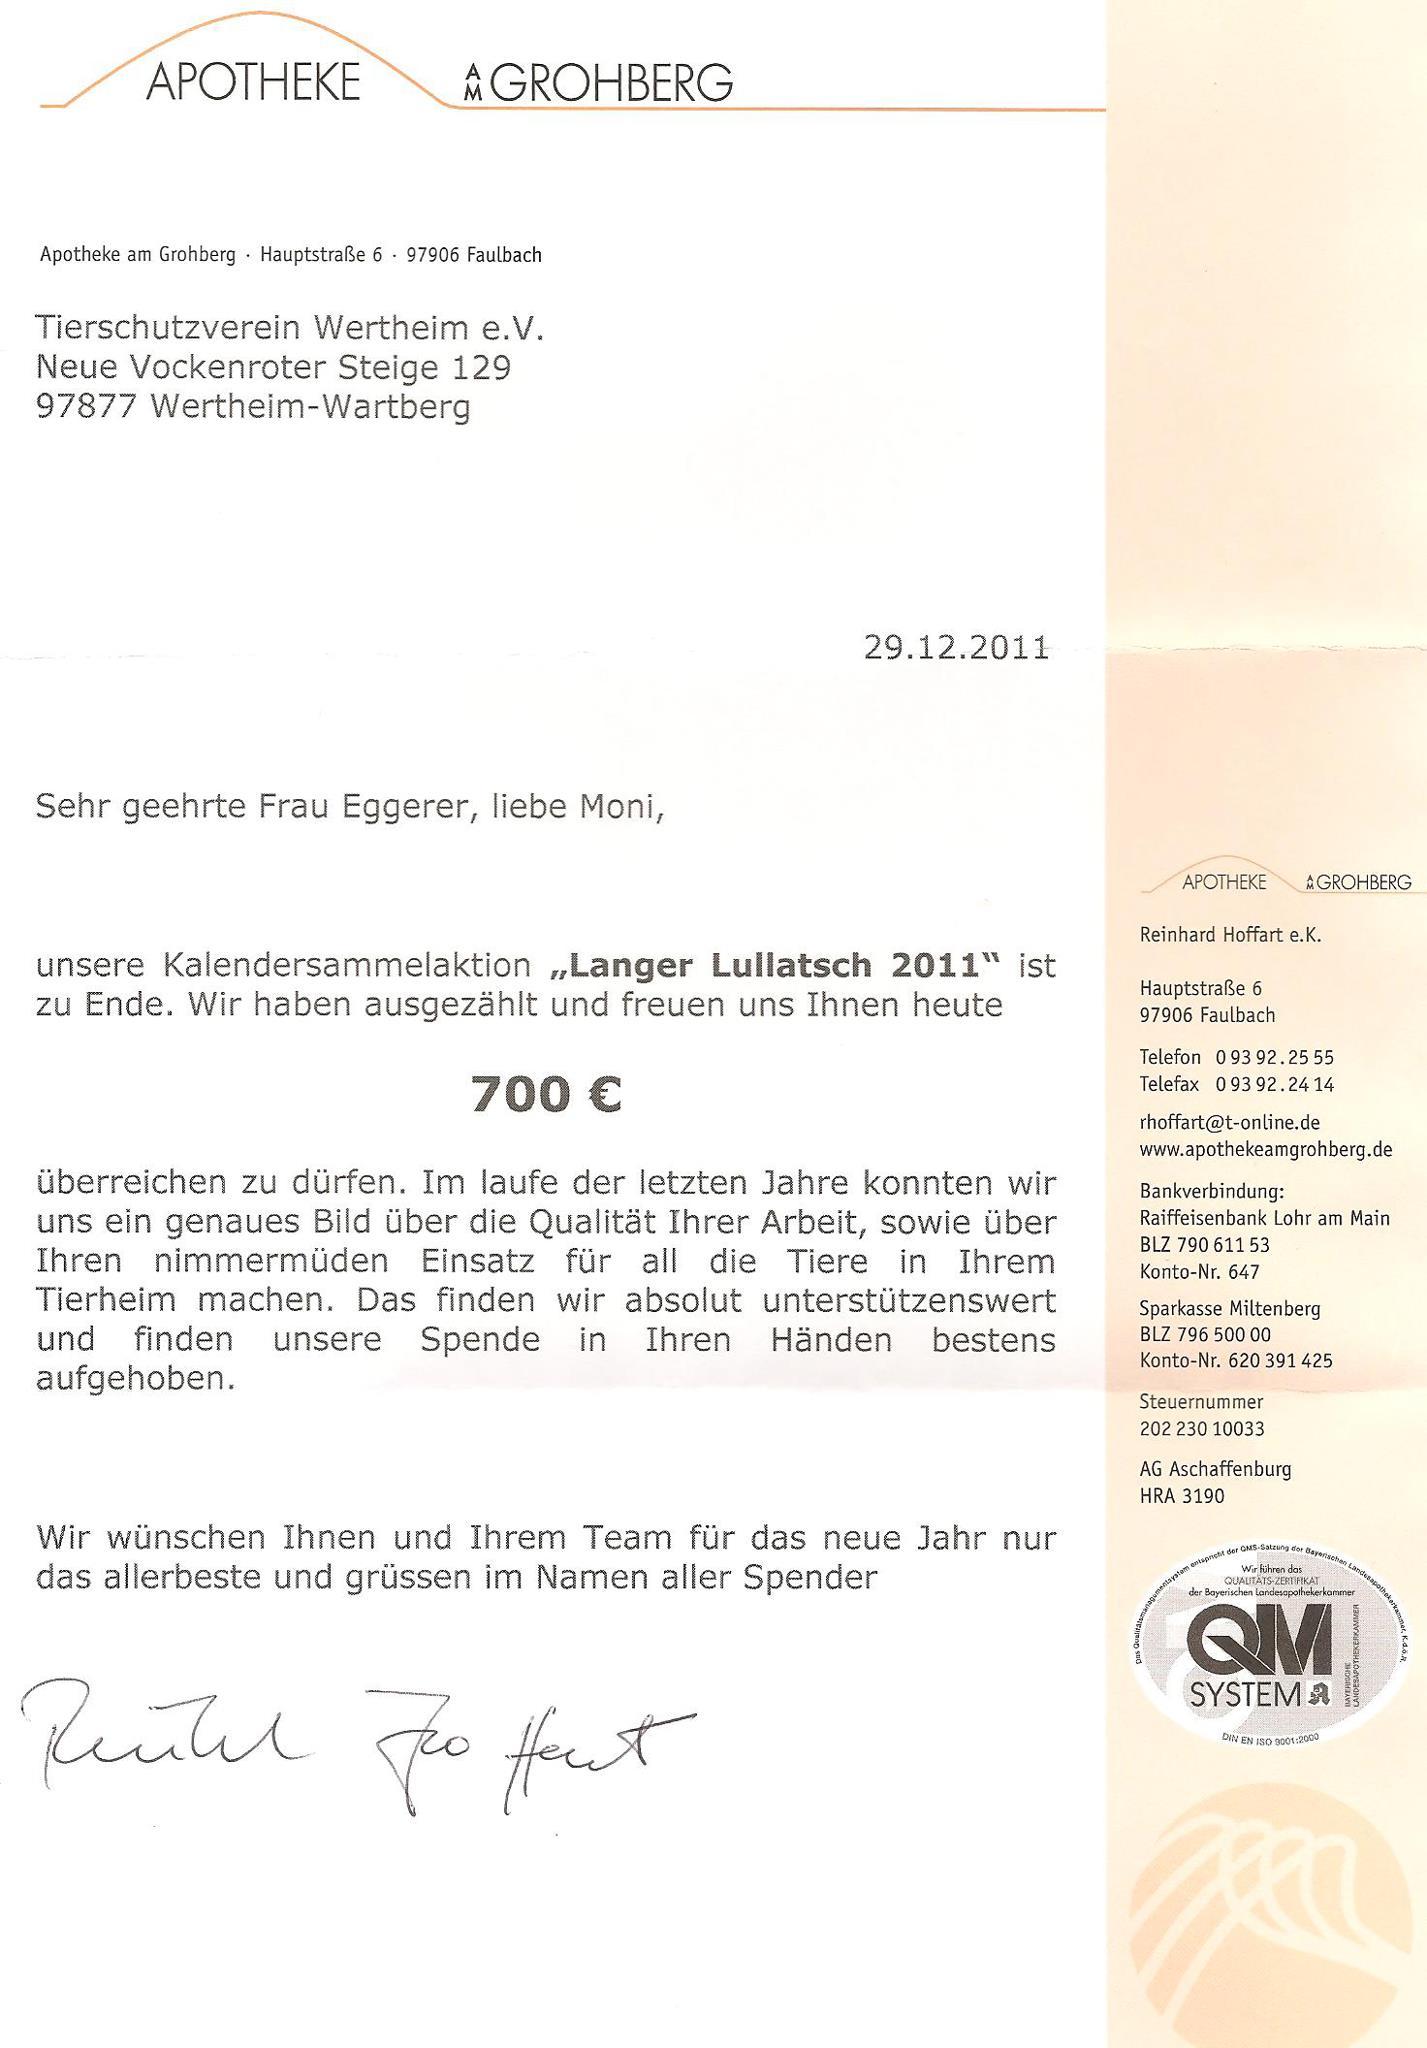 Brief der Apotheke am Grohberg